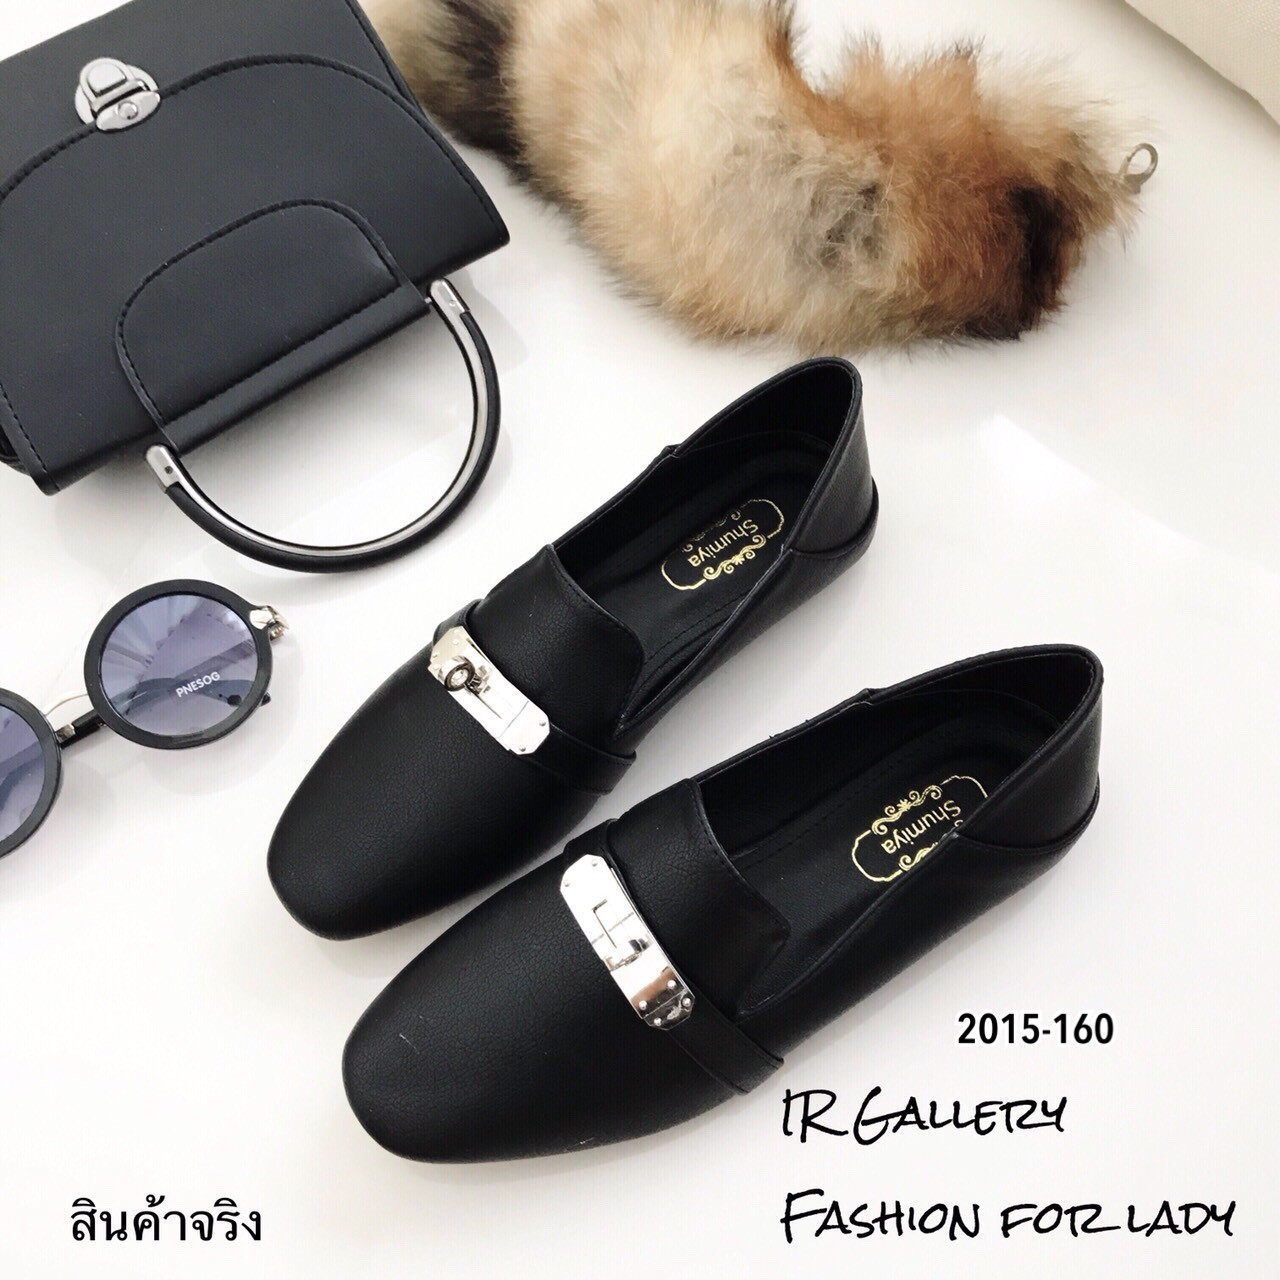 รองเท้าคัทชูหนังนิ่ม Style Hermes (สีดำ)